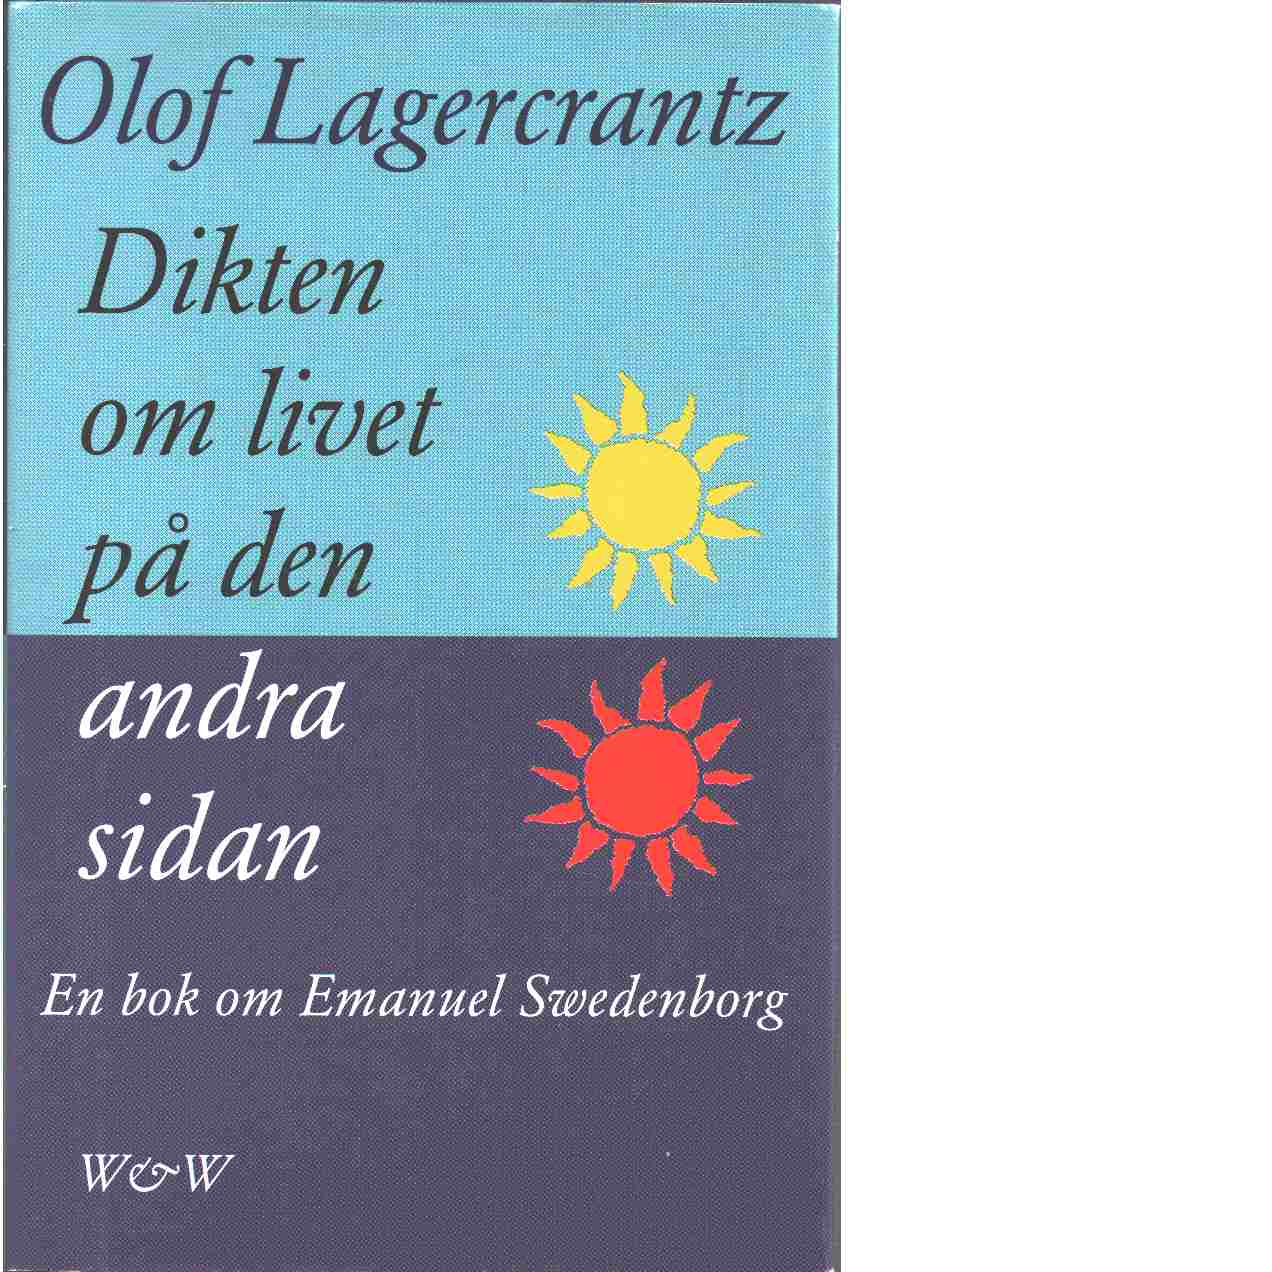 Dikten om livet på den andra sidan - emanuel swedenborg - Lagercrantz, Olof